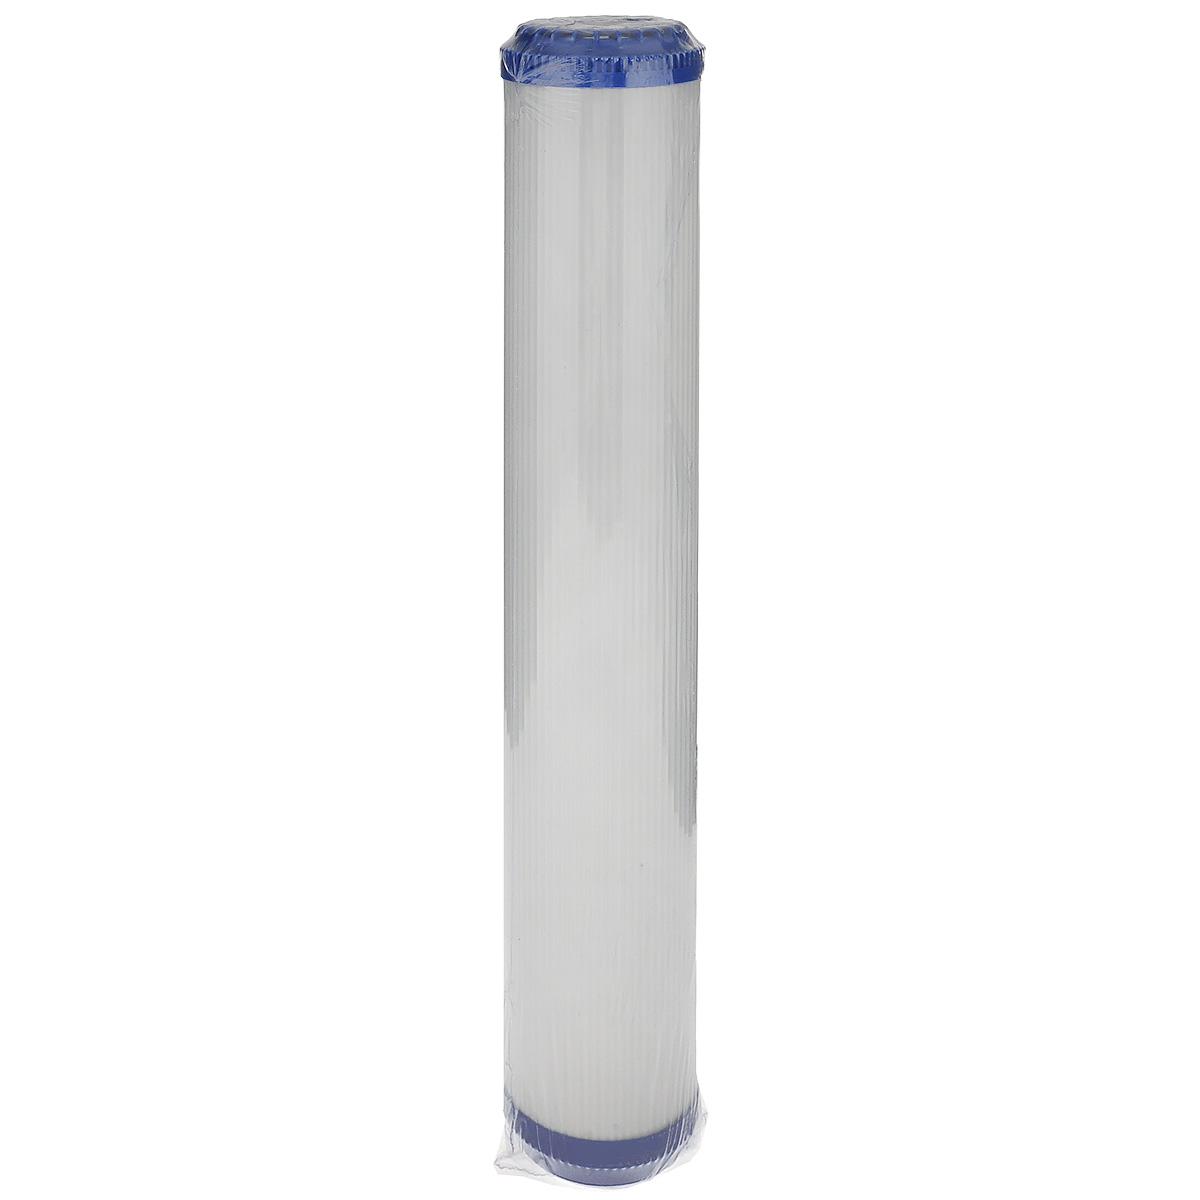 Картридж для обезжелезивания Гейзер БА-20SL30605Картридж Гейзер БА 20SL. Используется для эффективного удаления избыточного растворенного железа (до 1 мг/л) и соединений других металлов методом каталитического окисления. Фильтрующая загрузка – природный материал Кальцит. Подходит для корпусов стандарта 20SL (Slim Line) любых производителей. Ресурс до 4000 л. (при содержании растворенного железа 1 мг/л).